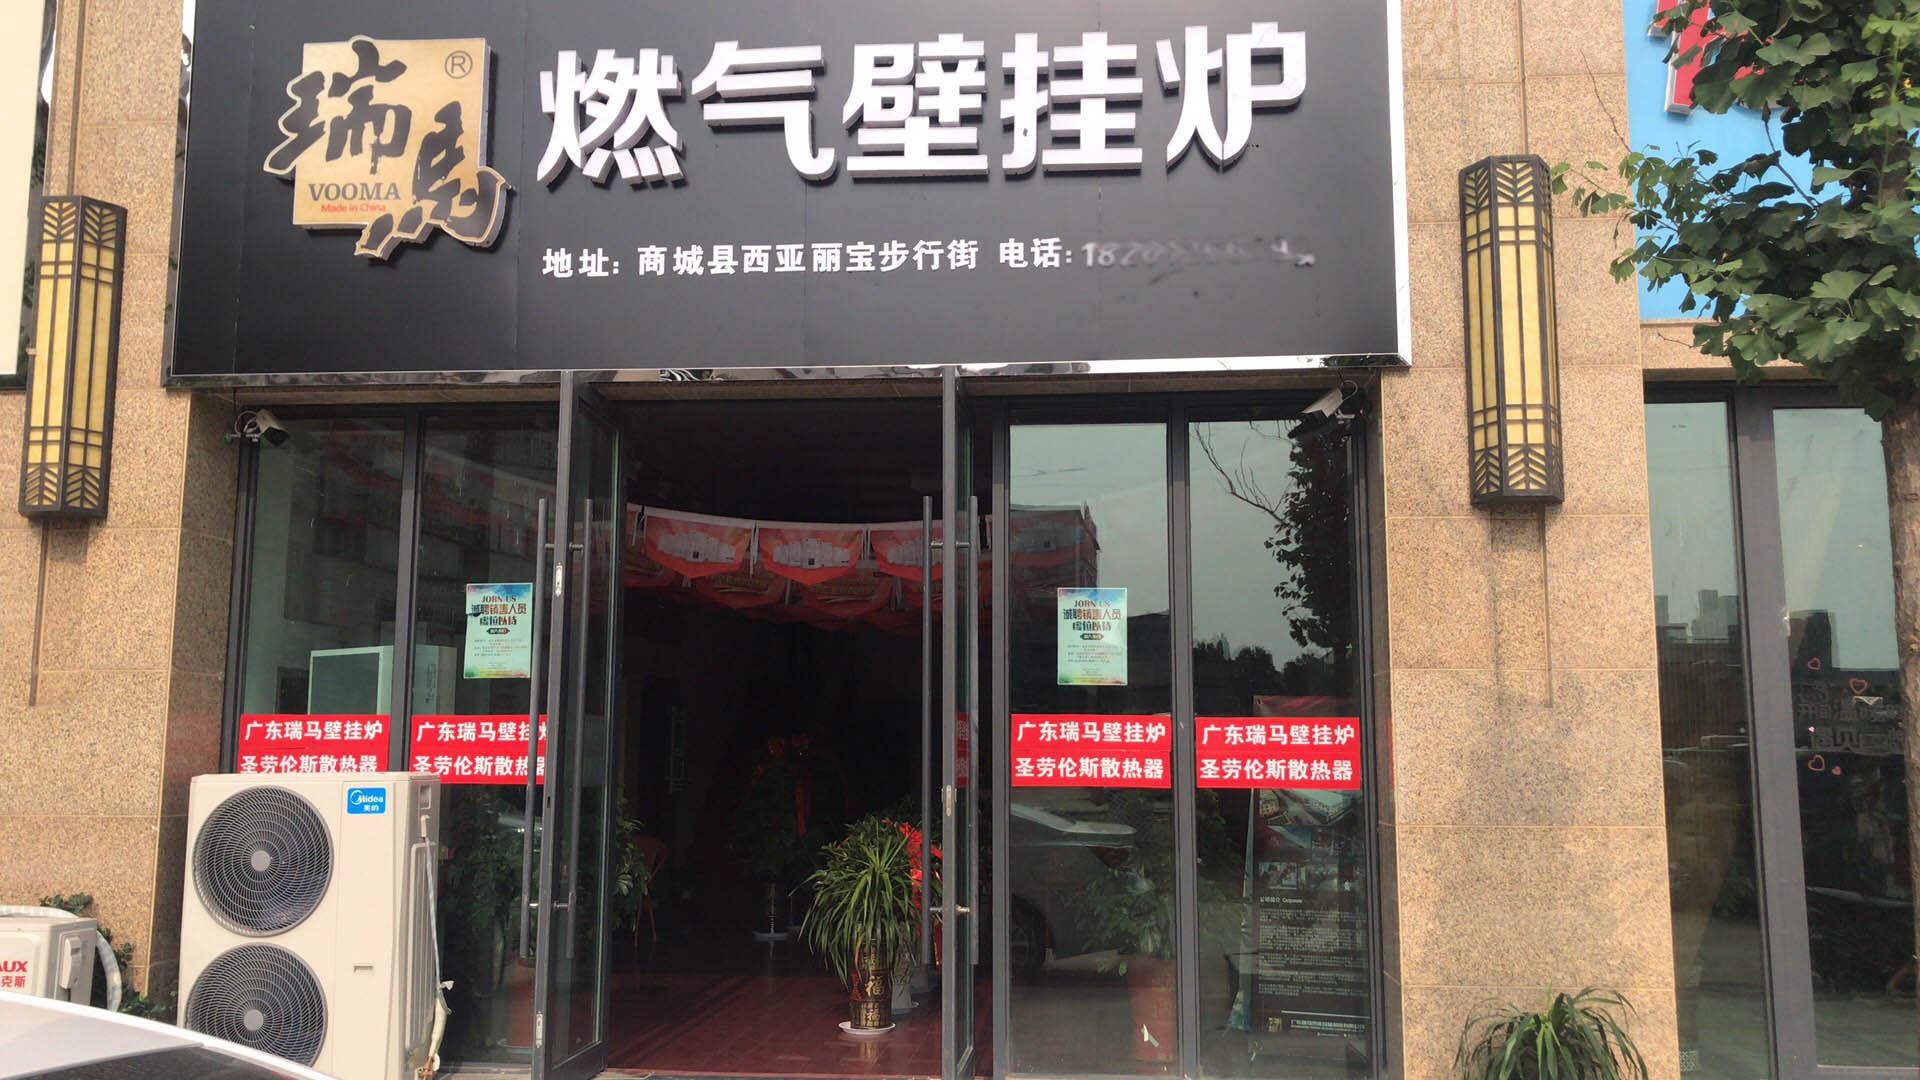 河南信阳商城县瑞马壁挂炉体验店